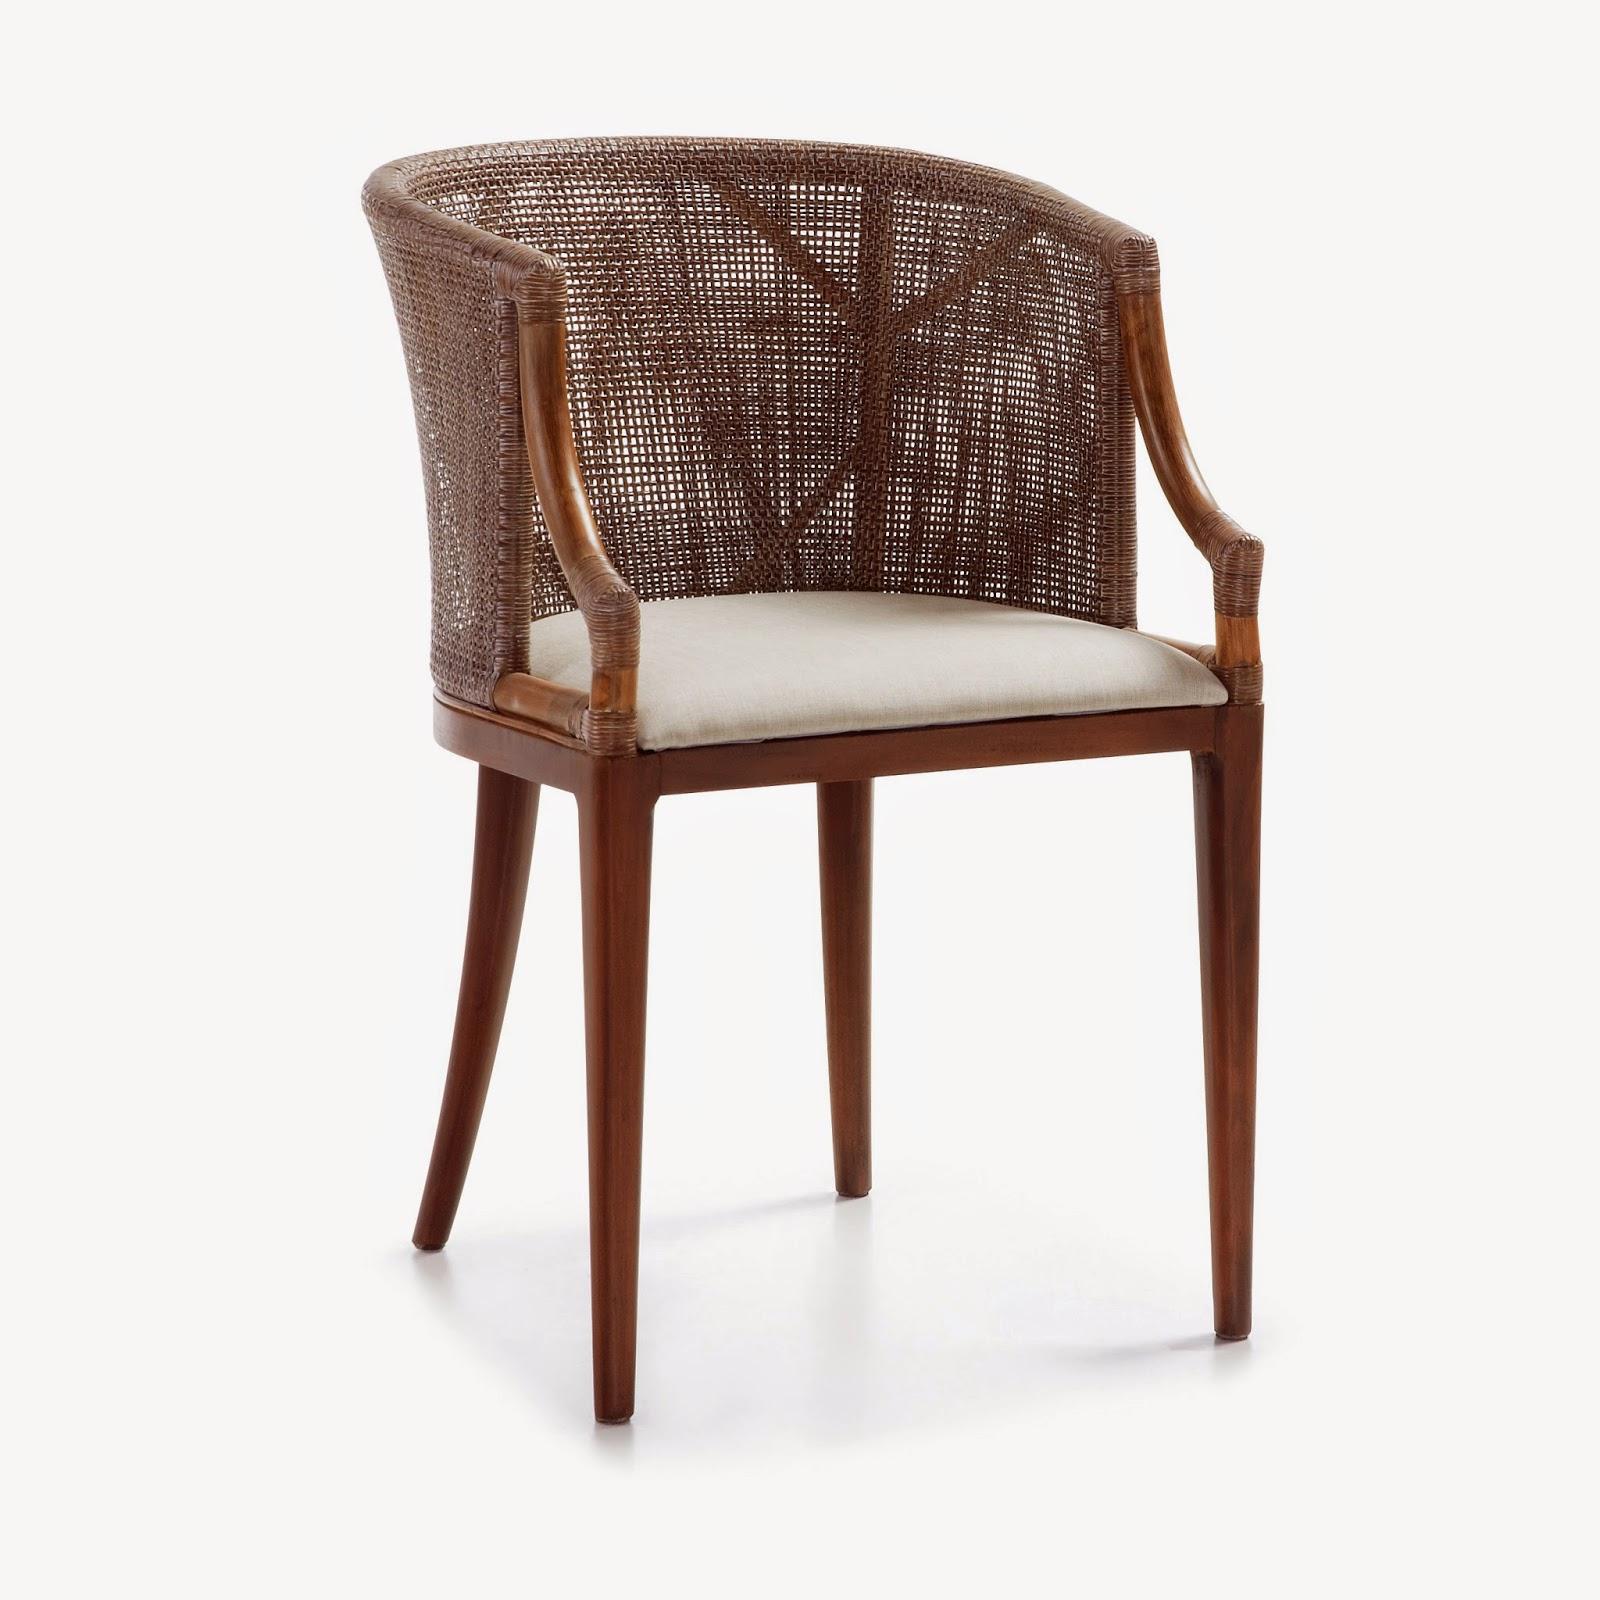 Muebles de comedor 4 sillas de rattan para un comedor colonial - Sillas muebles ...